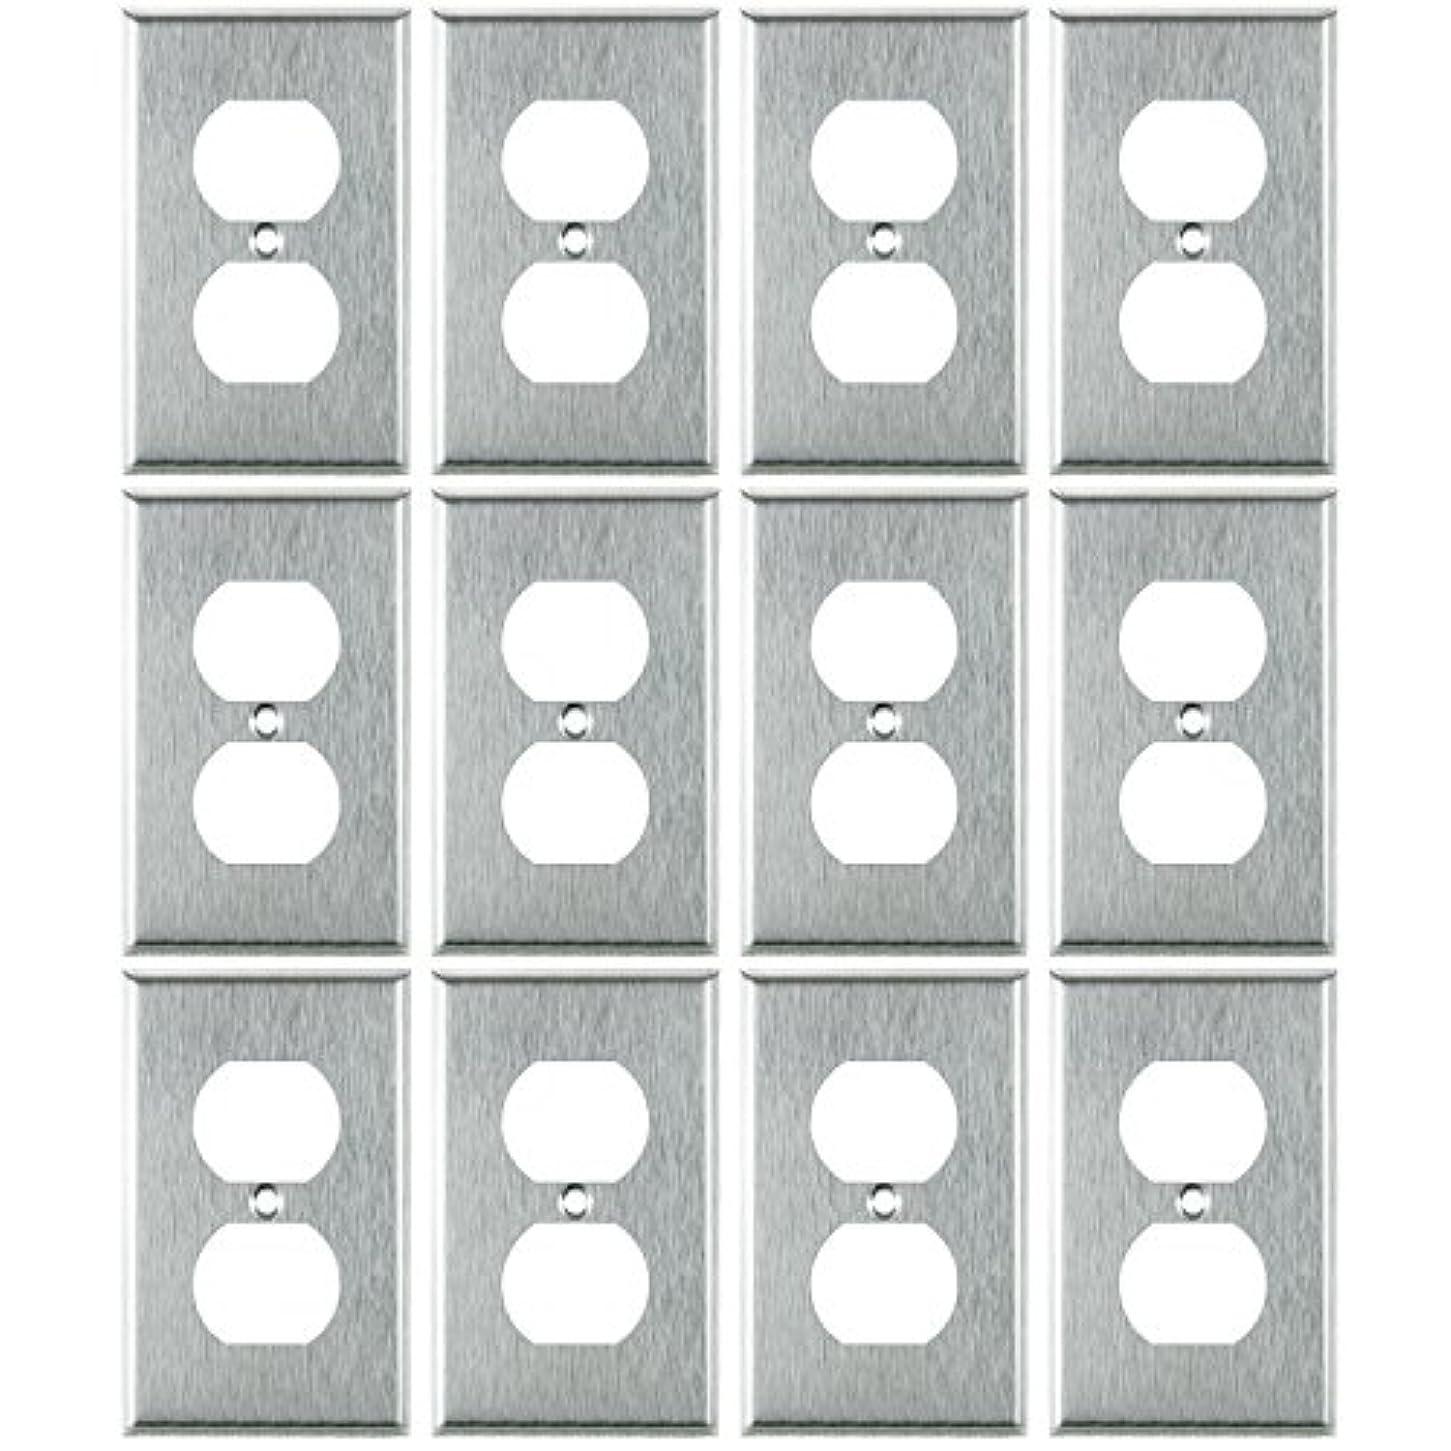 石化する紛争第四Sunlite、Gang二重レセプタクルプレート、スチール 1 Pack E211/S/12PK 12